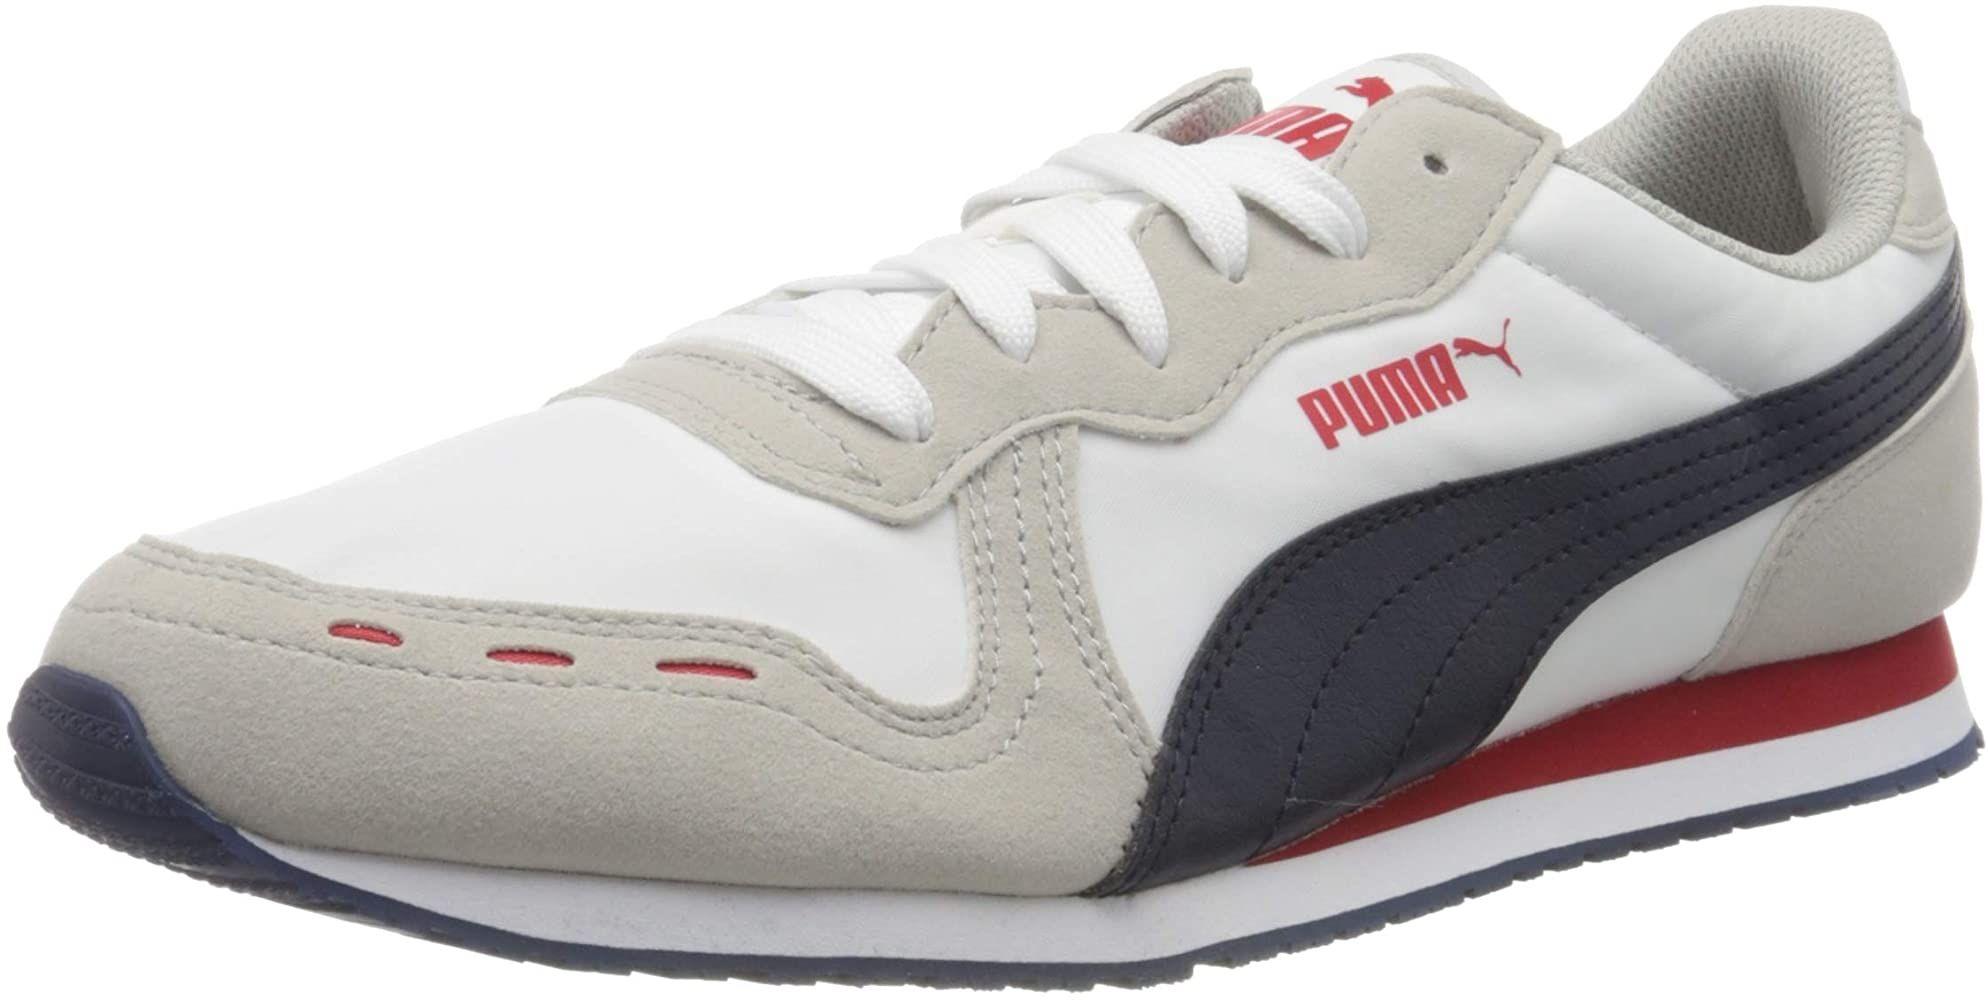 Zapatillas Puma Cabana Run. Talla 40,5